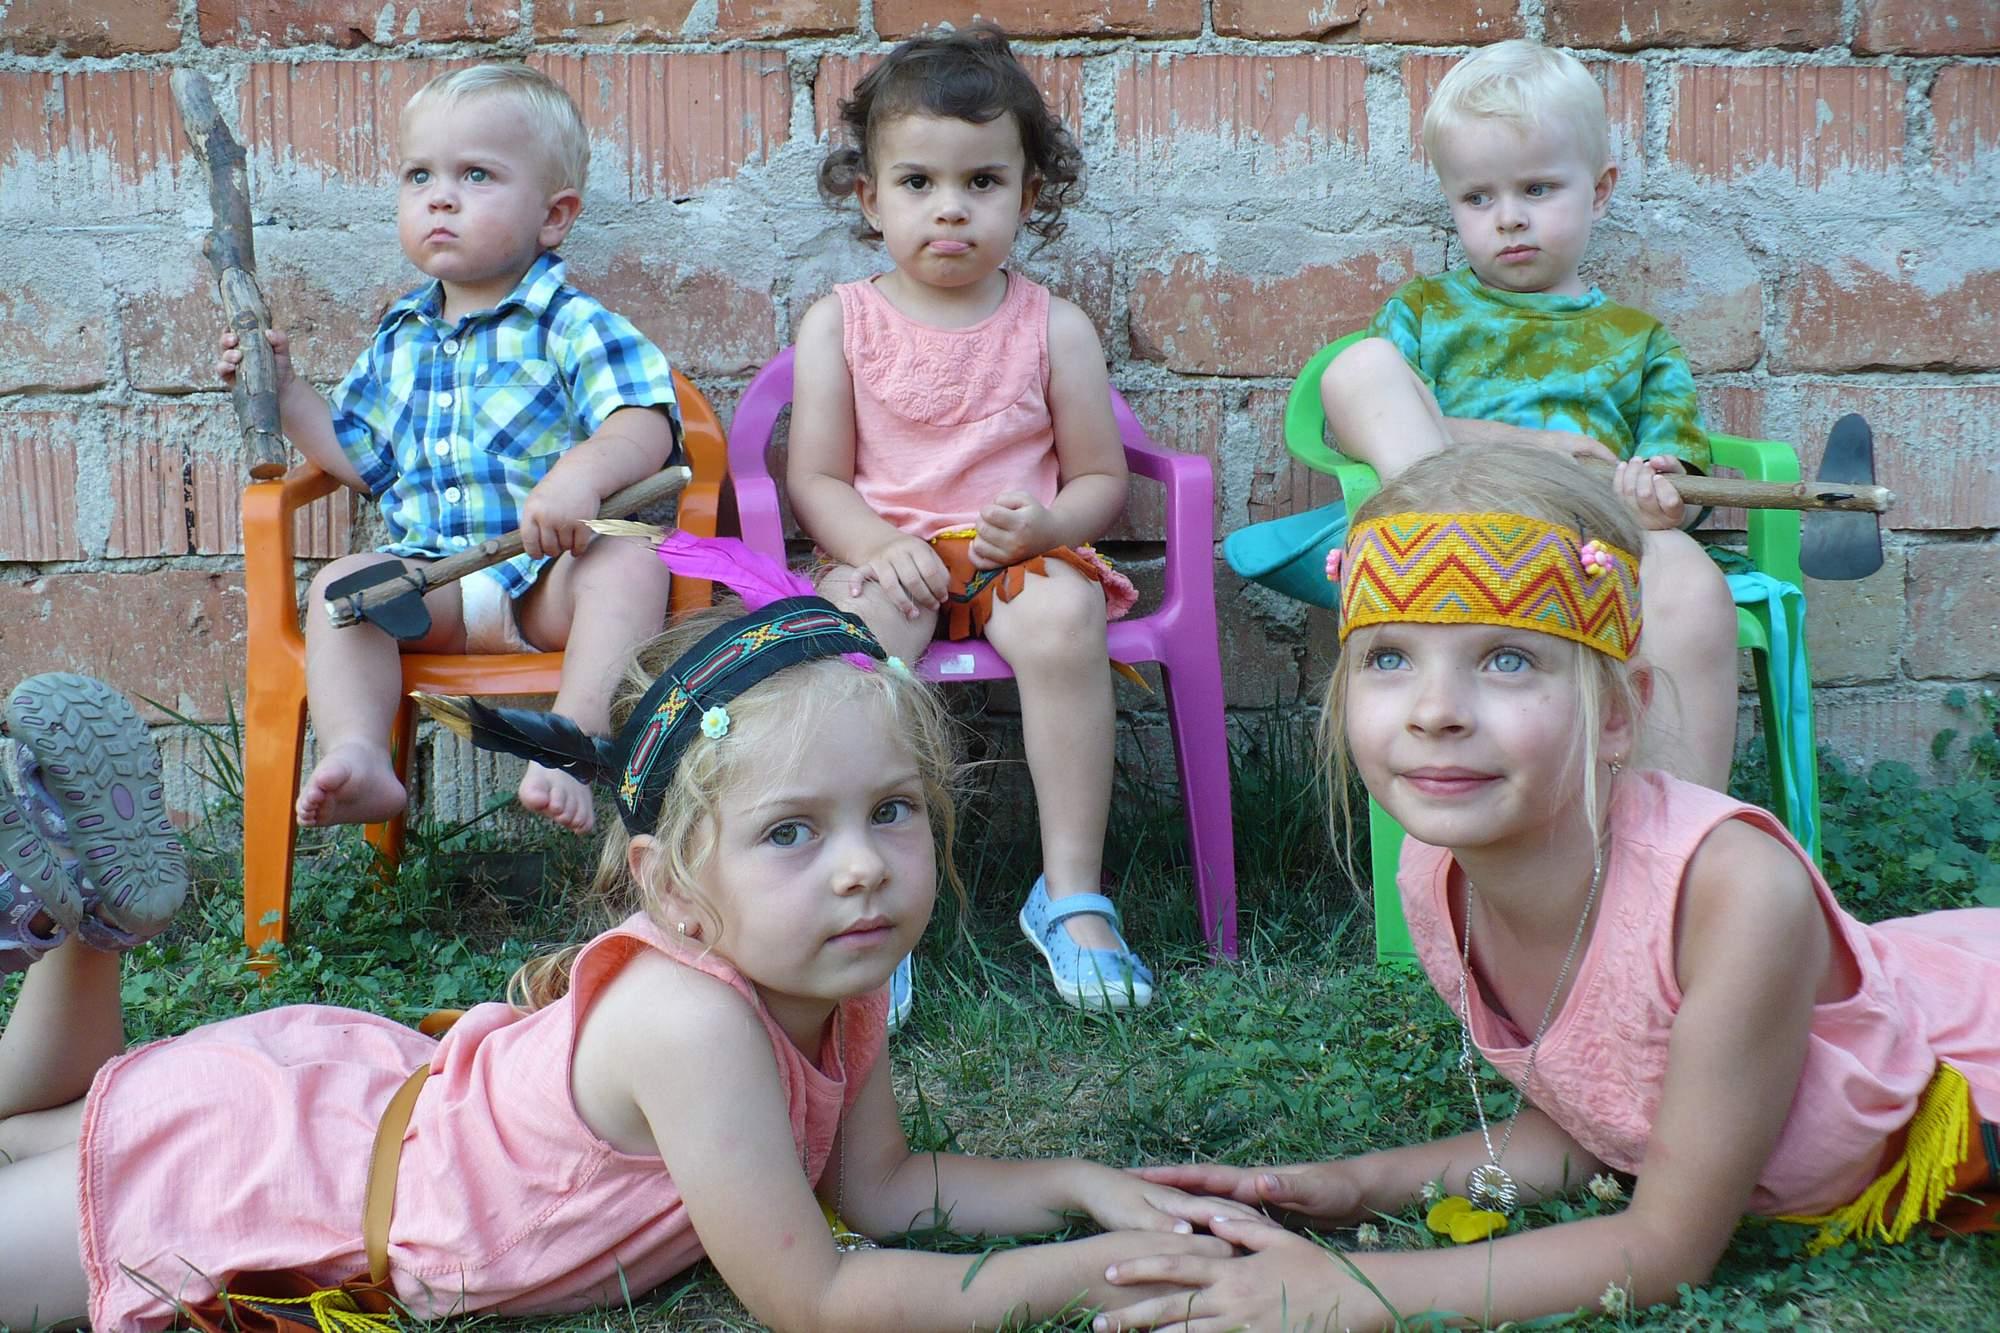 .rajce.idnes.cz children 19 17.měsíc – Lenka Pospíšilová – album na Rajčeti